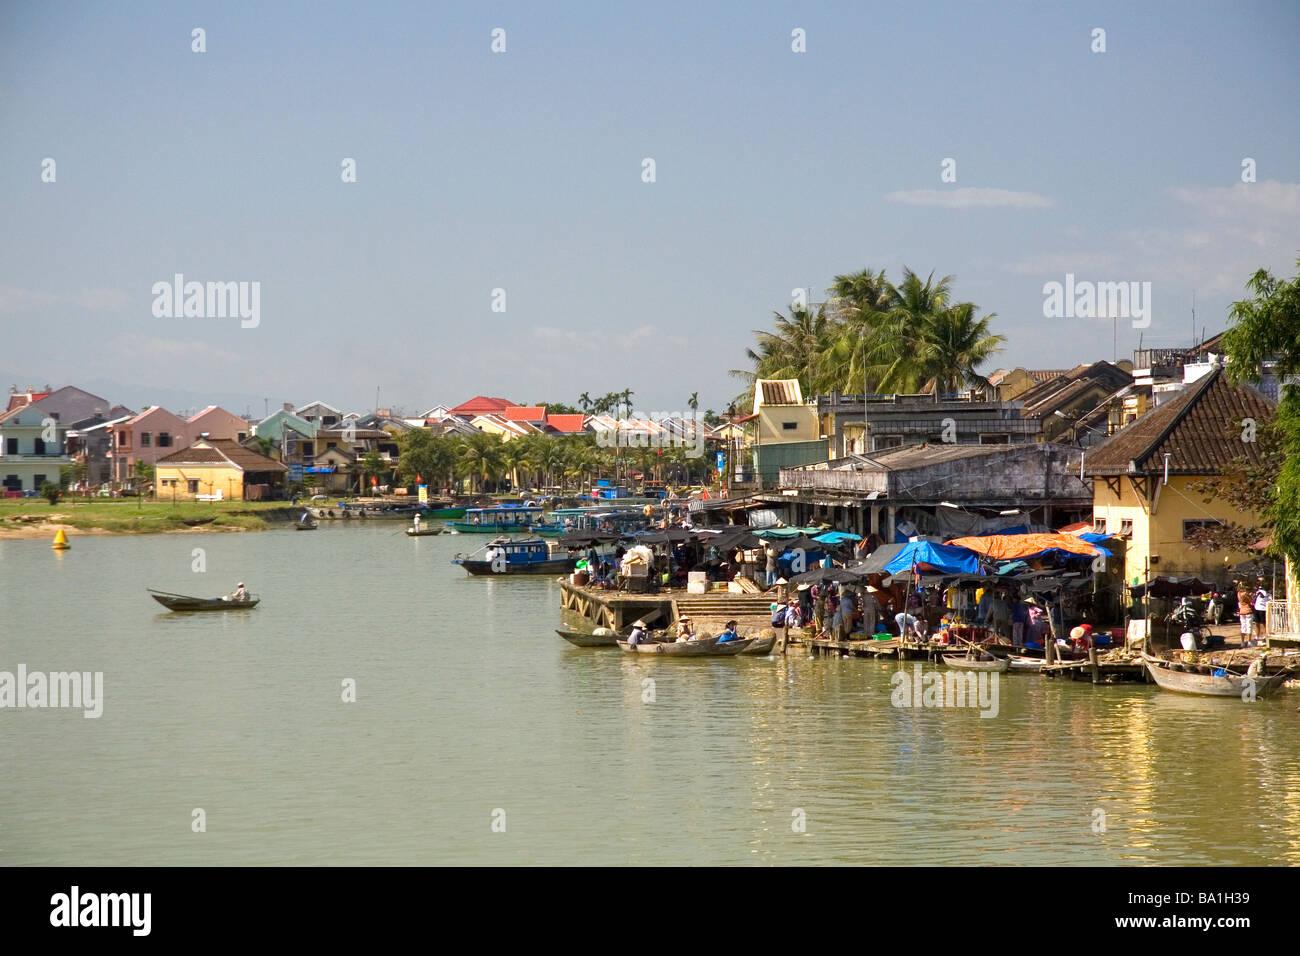 Bateaux sur la rivière Thu Bon à Hoi An Vietnam Photo Stock